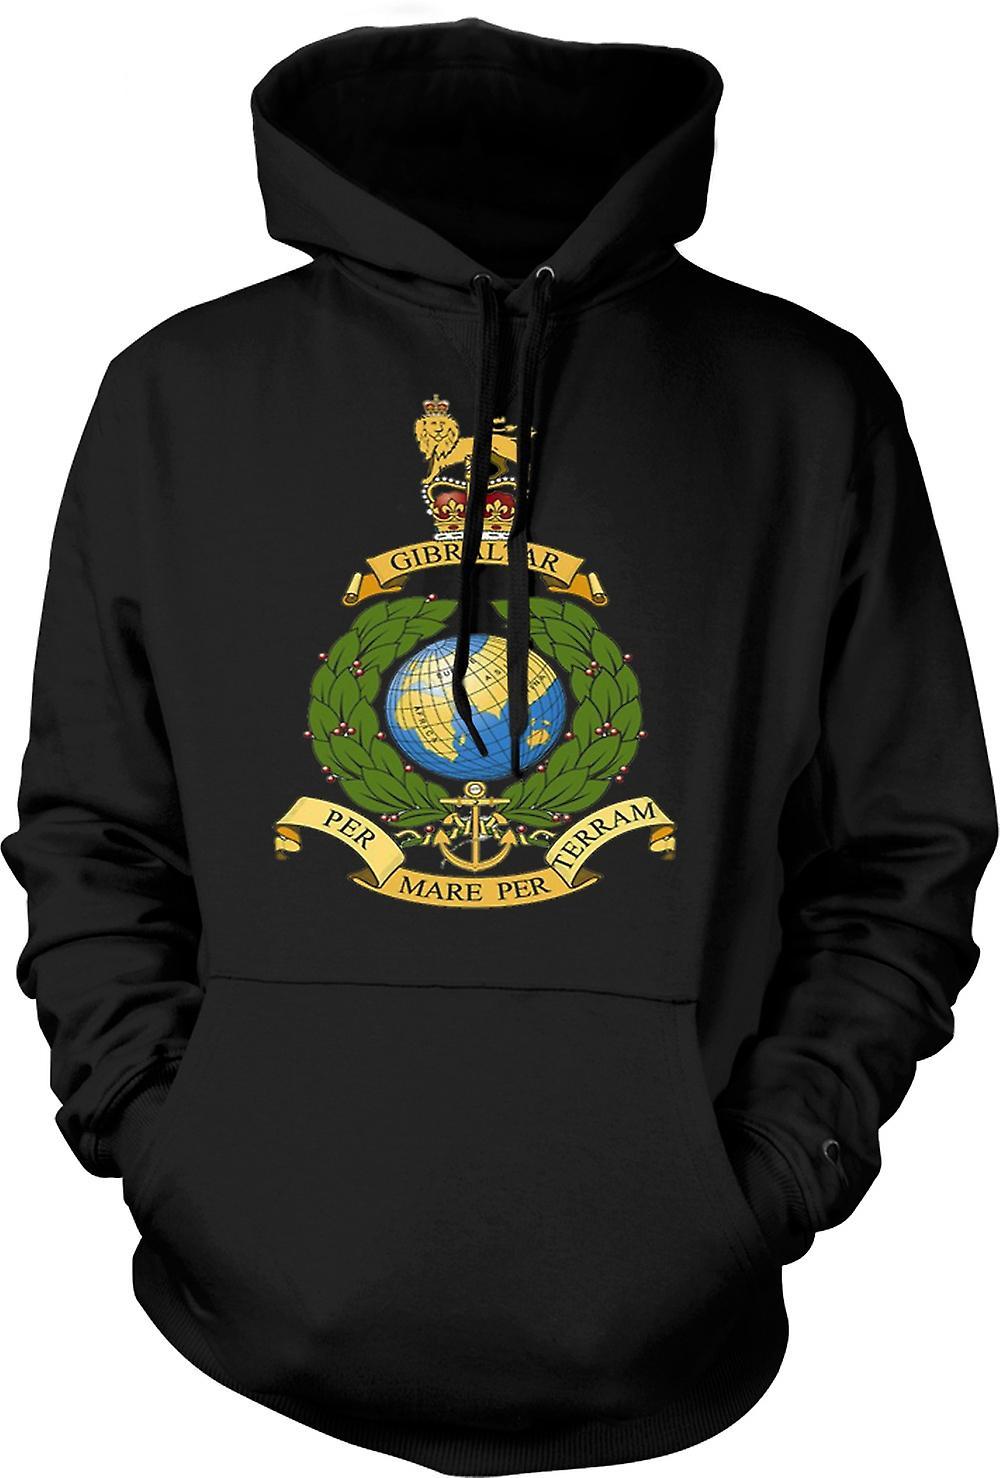 Mens Hoodie - Royal Marine Logo - Per Mare Per Terram